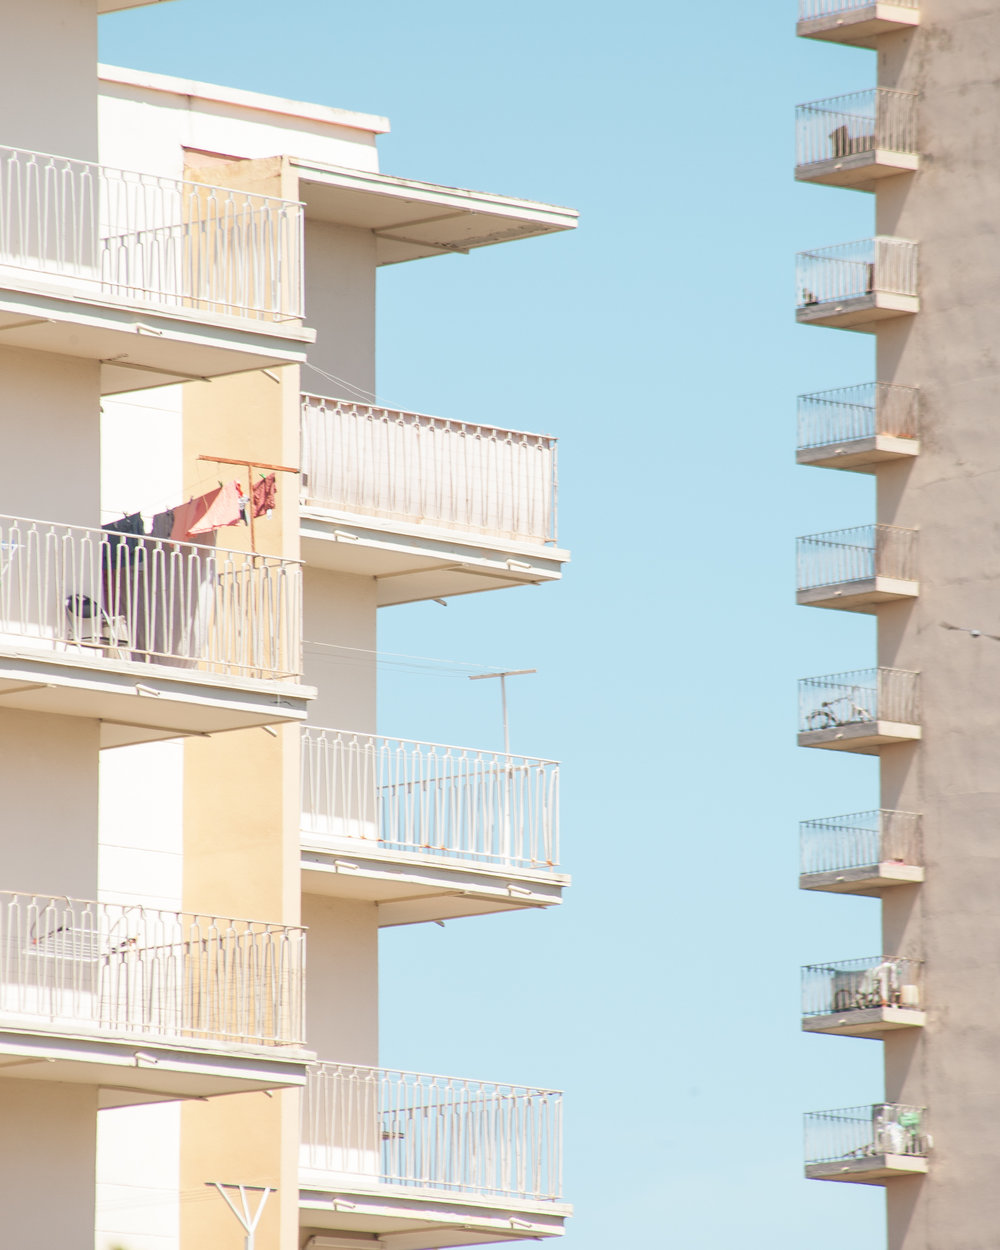 Matthieu Venot 9 (Mediterranean Citizens Story).jpg